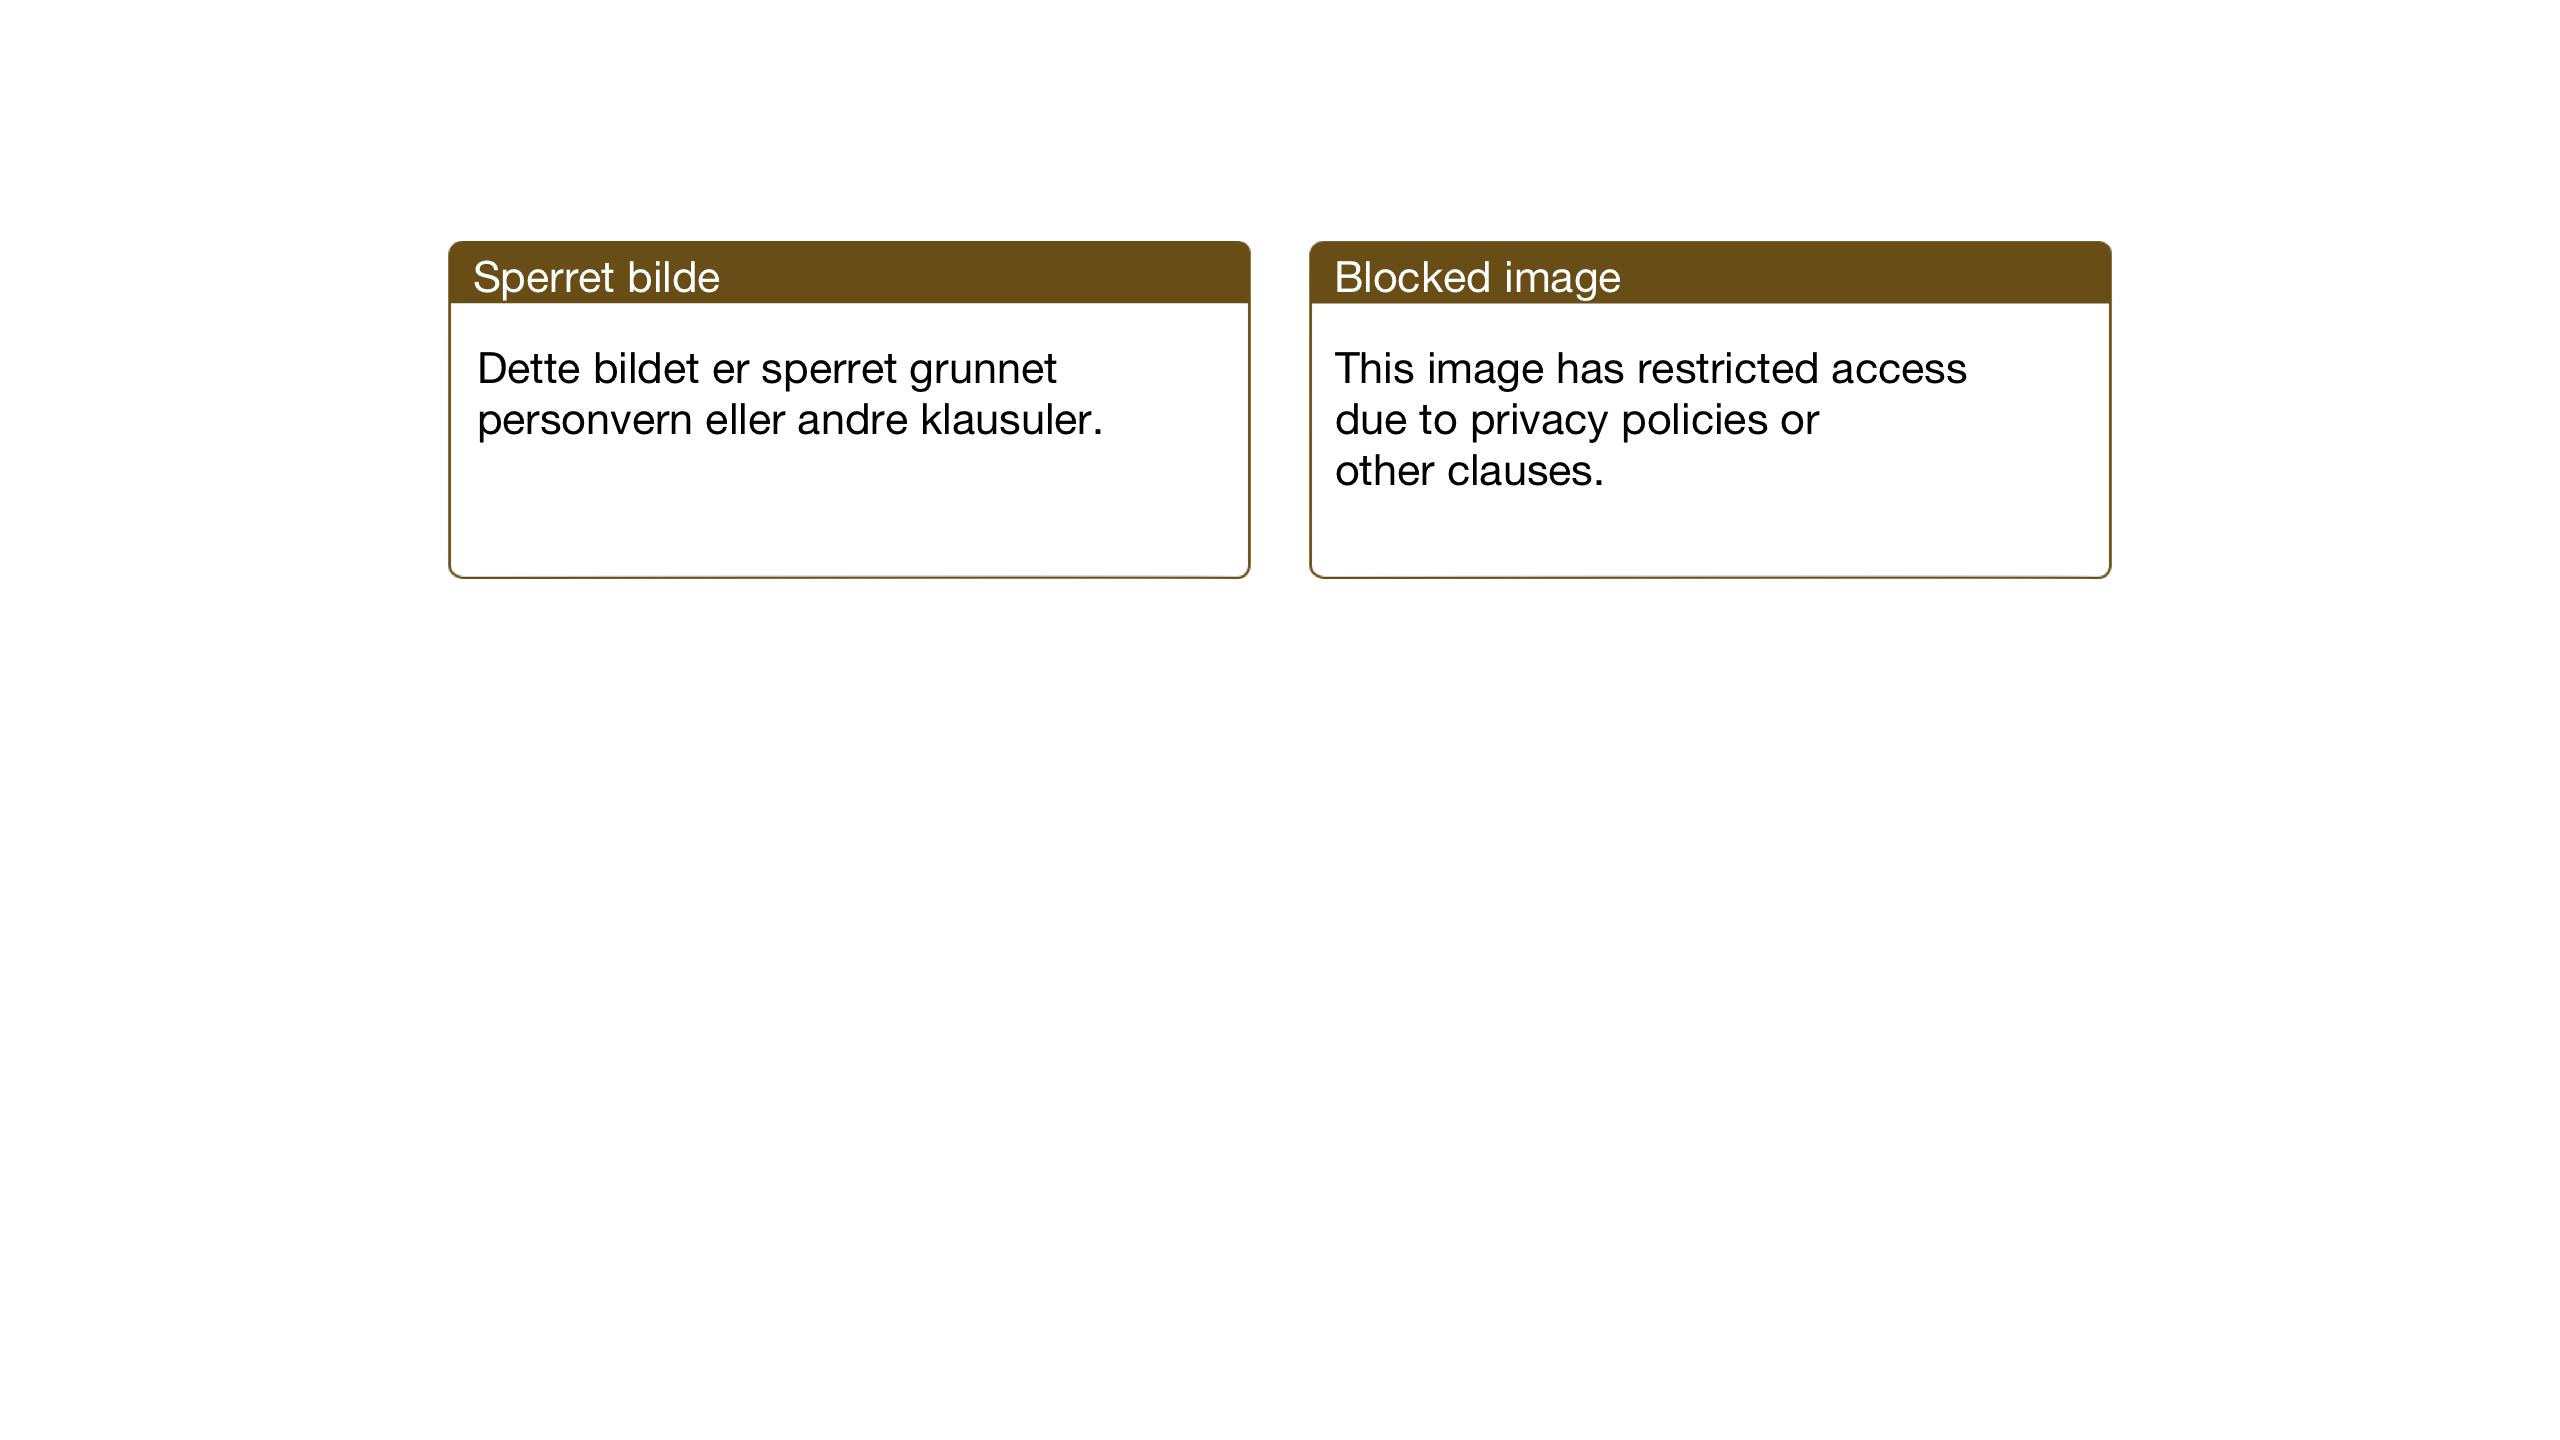 SAT, Ministerialprotokoller, klokkerbøker og fødselsregistre - Nord-Trøndelag, 755/L0500: Klokkerbok nr. 755C01, 1920-1962, s. 37